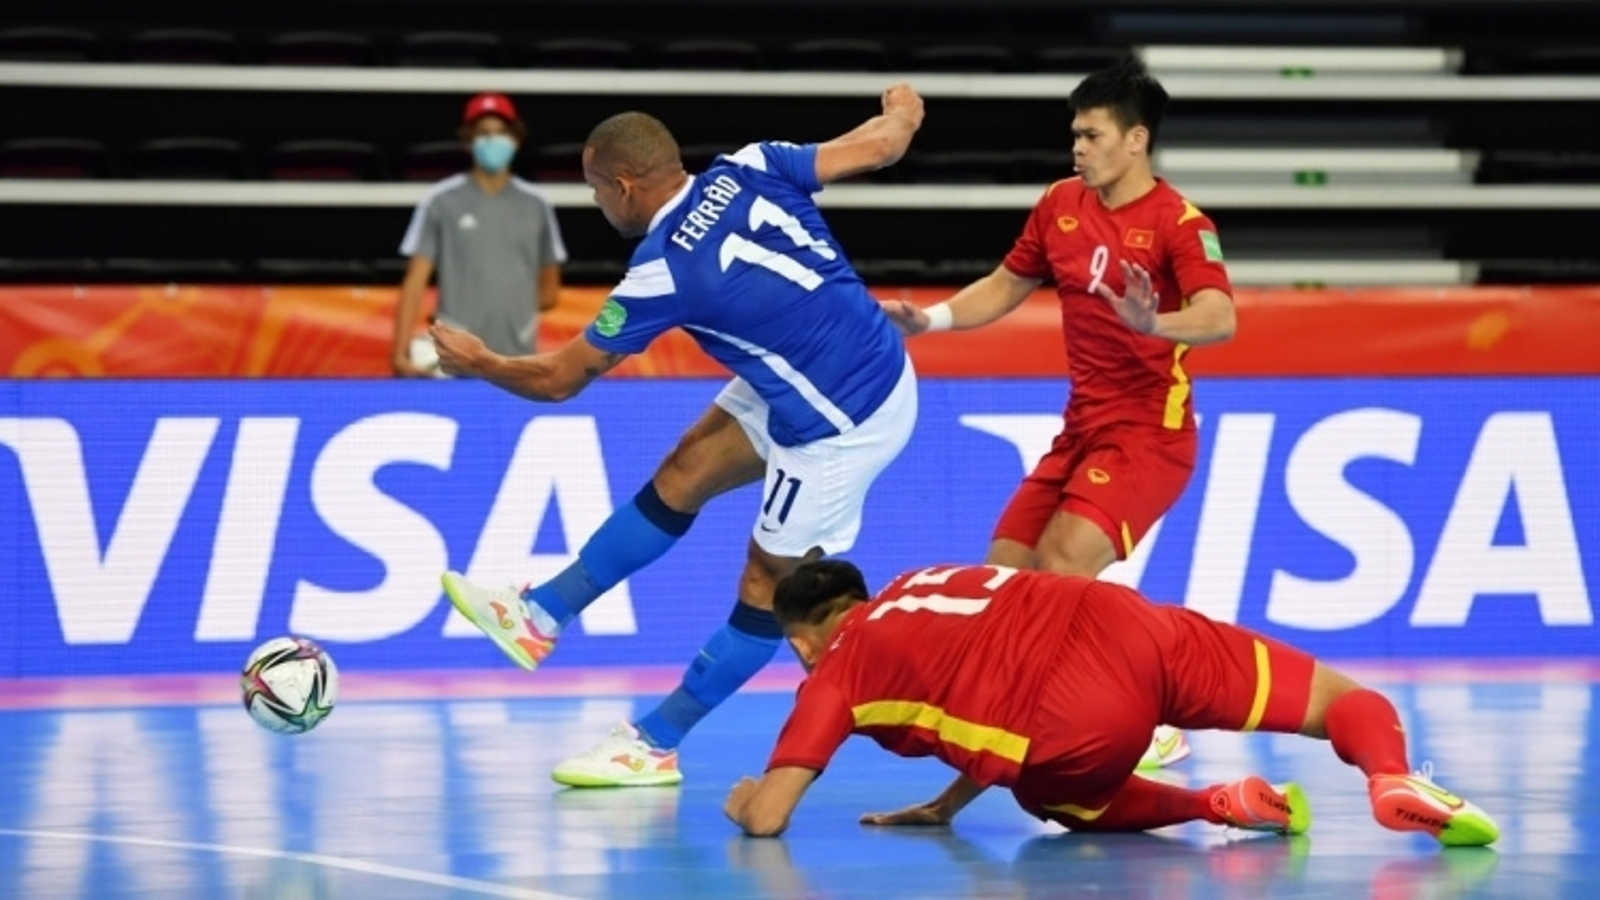 Brazil trounce Vietnam 9-1 in FIFA Futsal World Cup 2021 opener